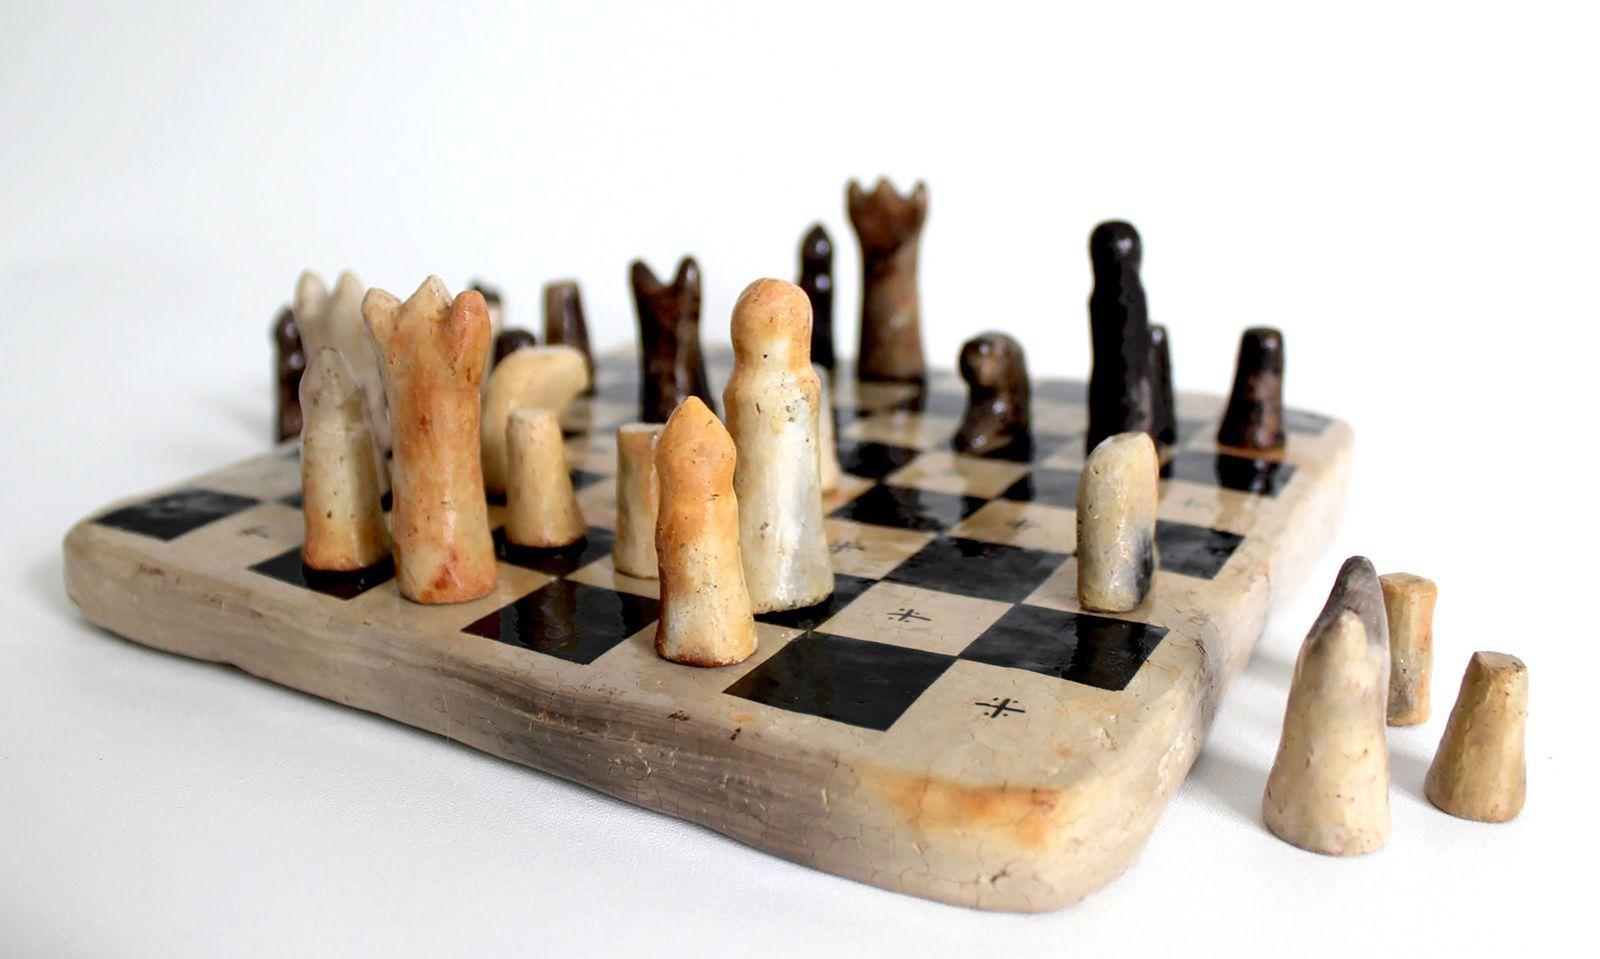 Lexikon der Dinge: Das Schachbrett